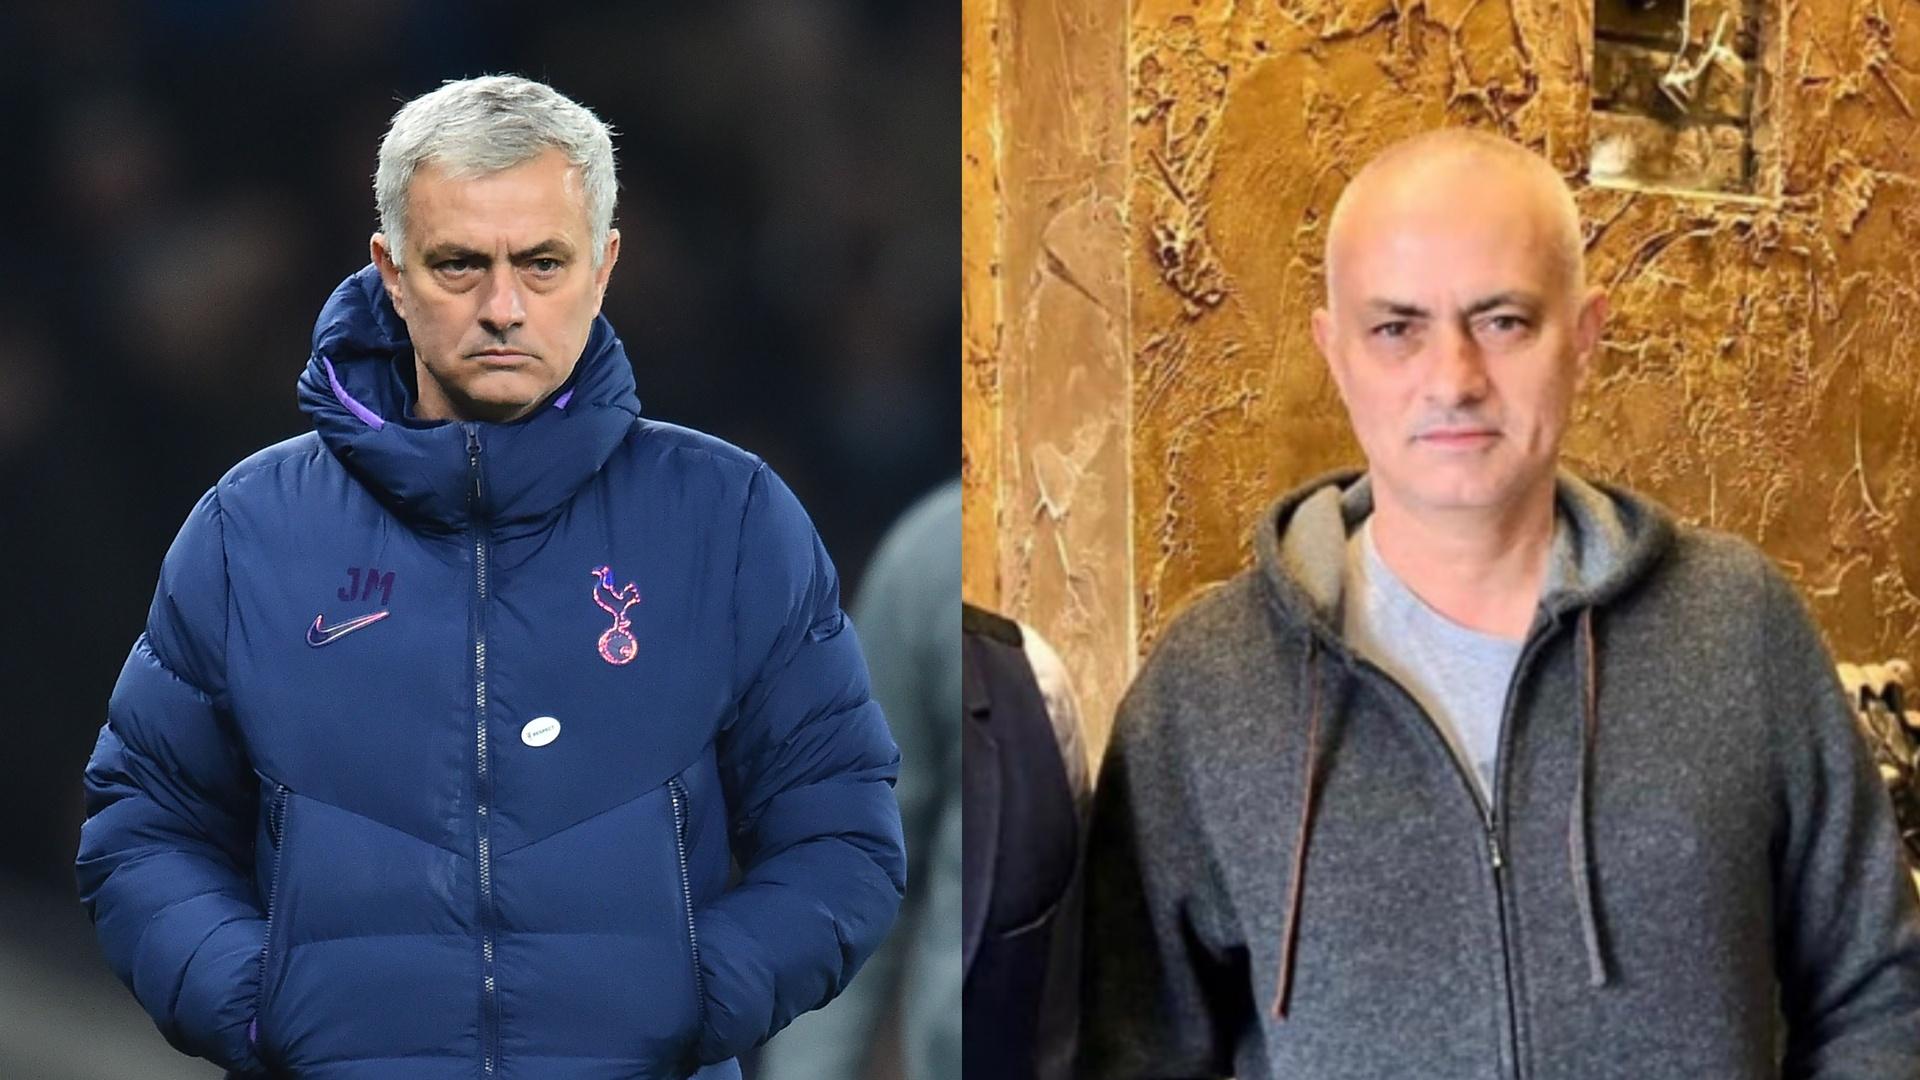 Mourinho afslører årsagen bag sit nye look